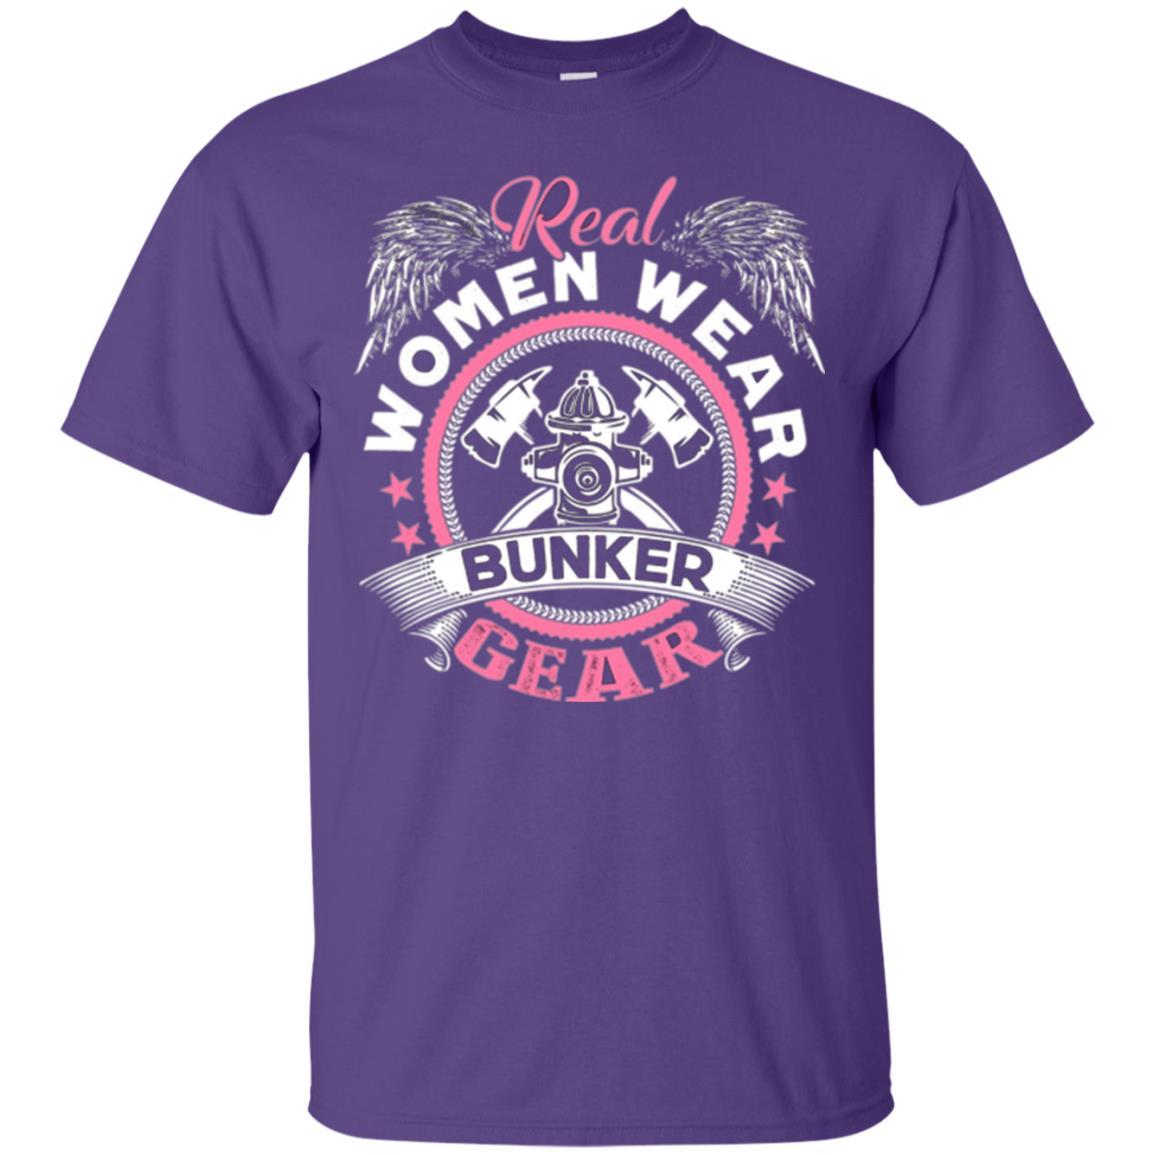 019a5a8c149 Firefighter women wear bunker gear men shirt amazon best seller jpg  1155x1155 Shirt clothing for amazon